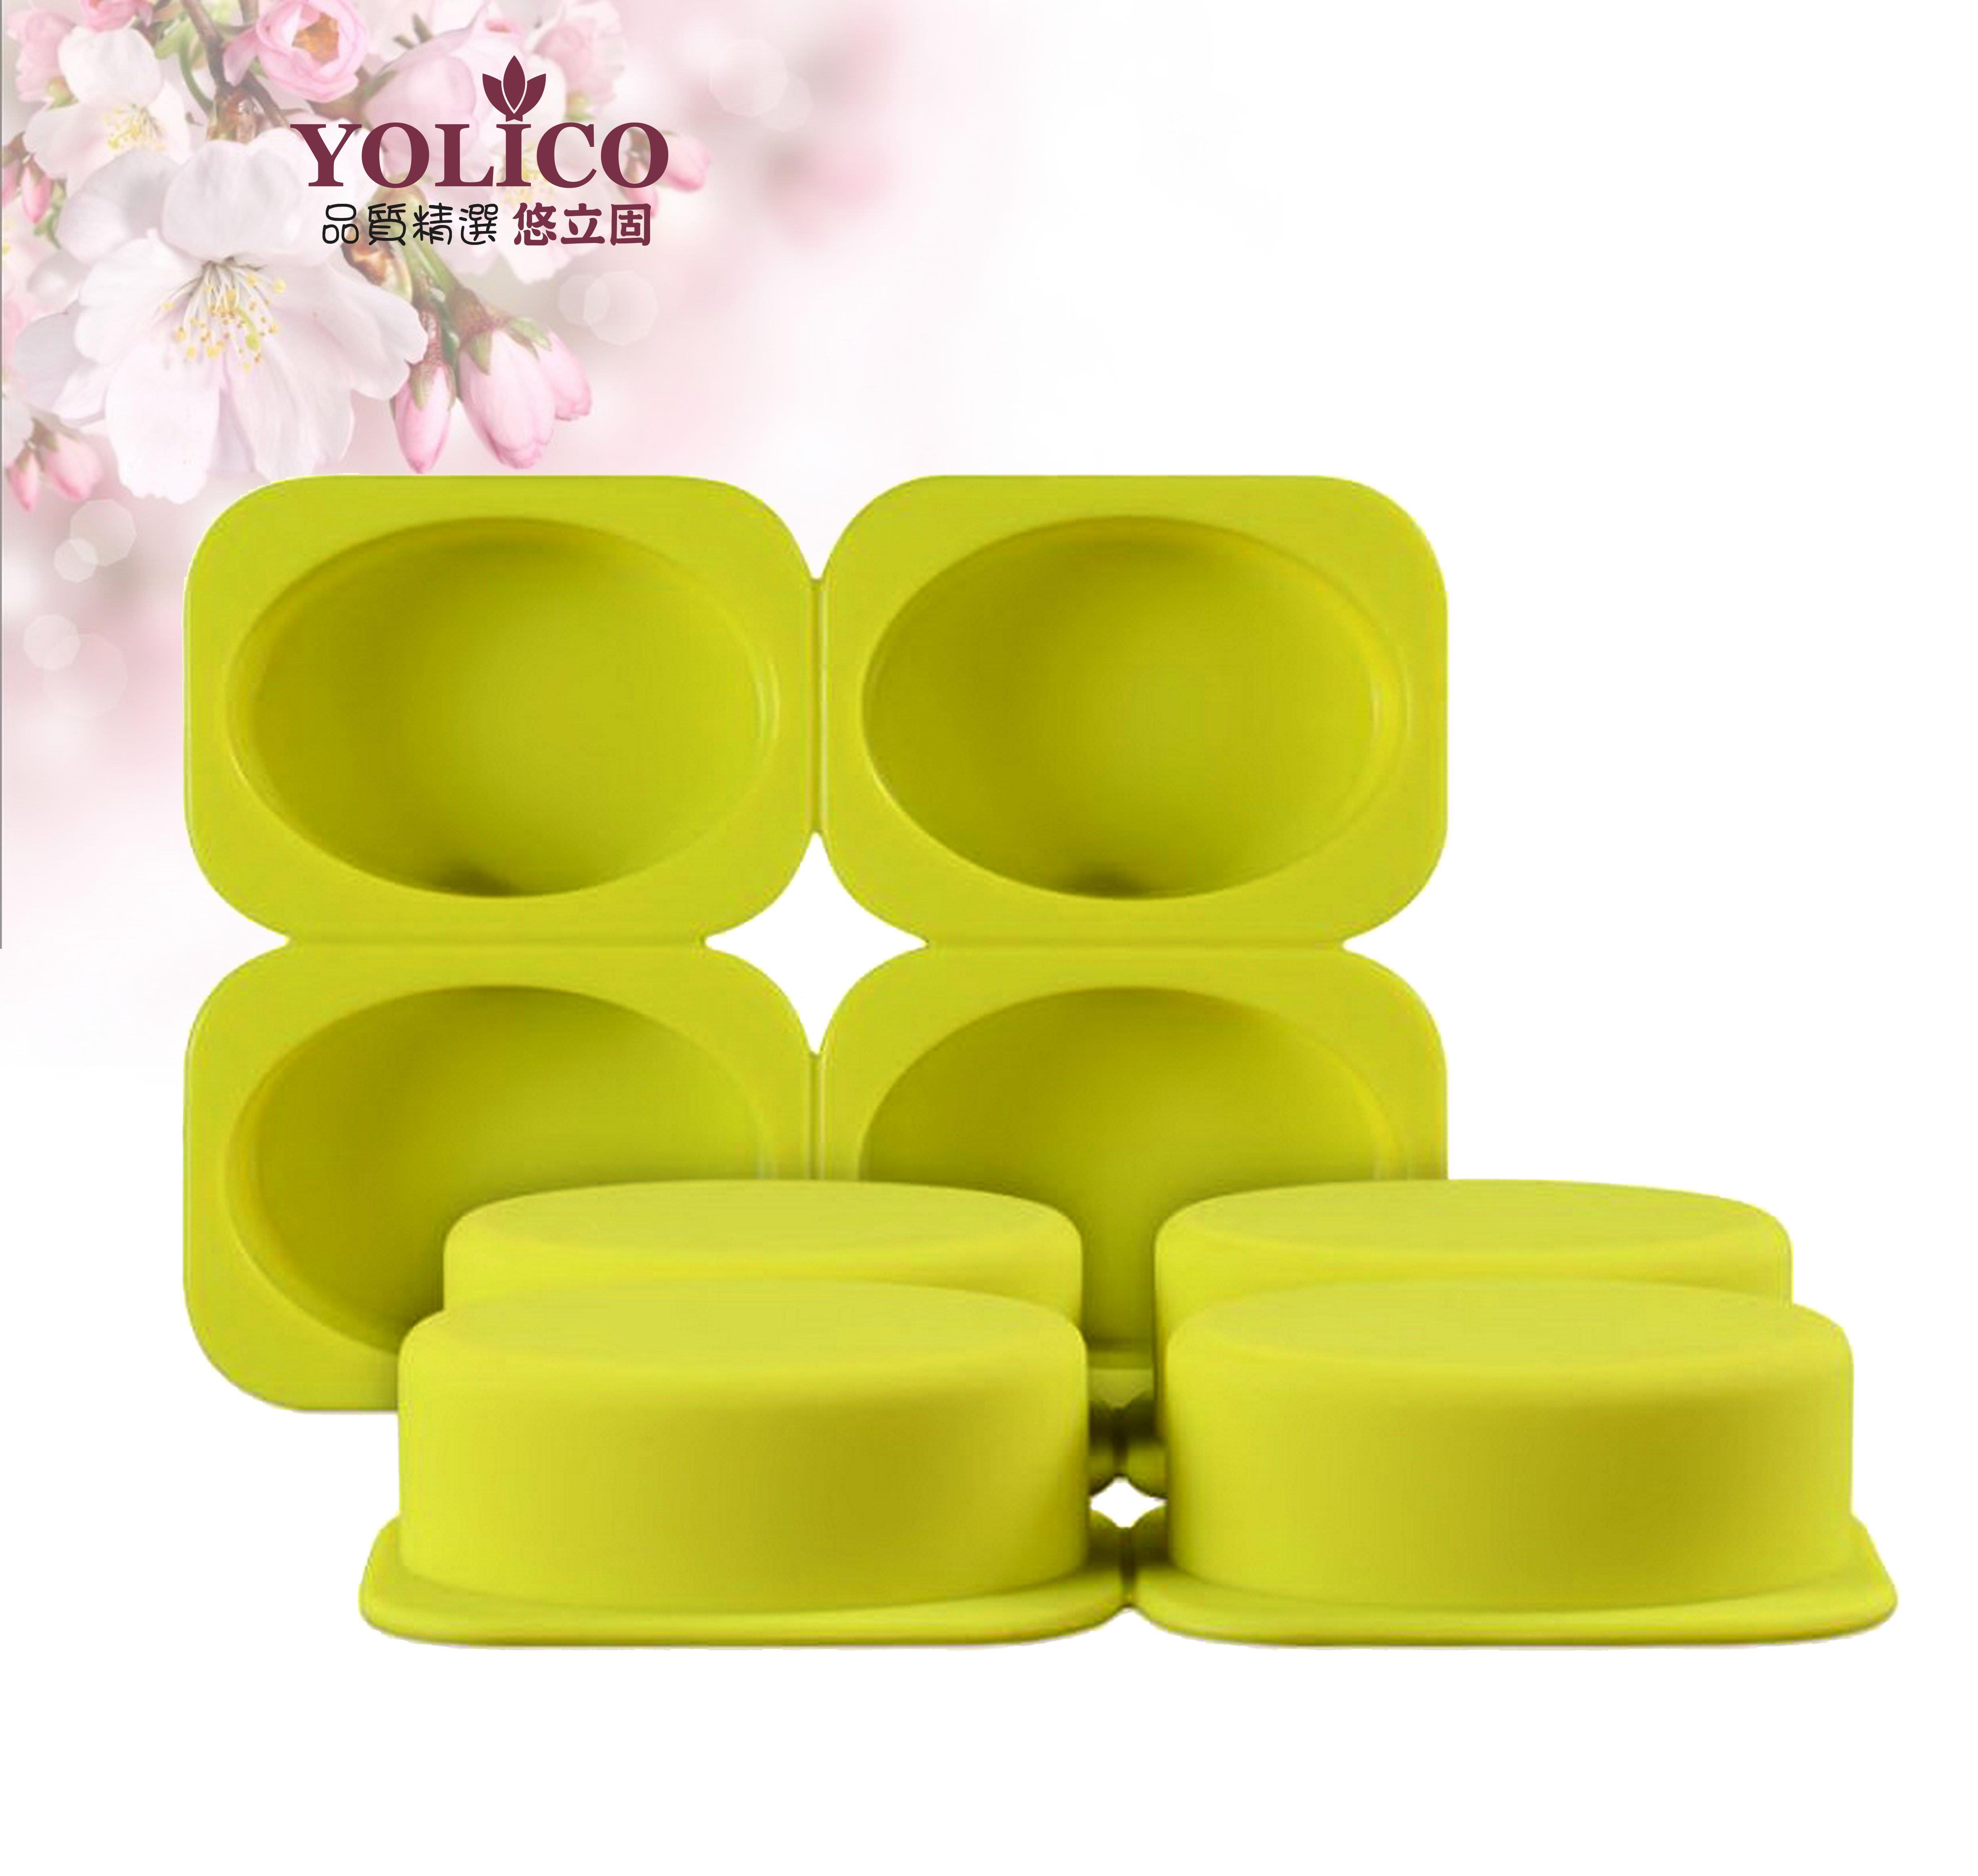 【悠立固】Y119 橢 圓形矽膠模4孔橢圓柱矽膠模具 手工皂模具 烘焙工具 巧克力蛋糕模具 冰盒 冰塊布丁果凍模 食品級